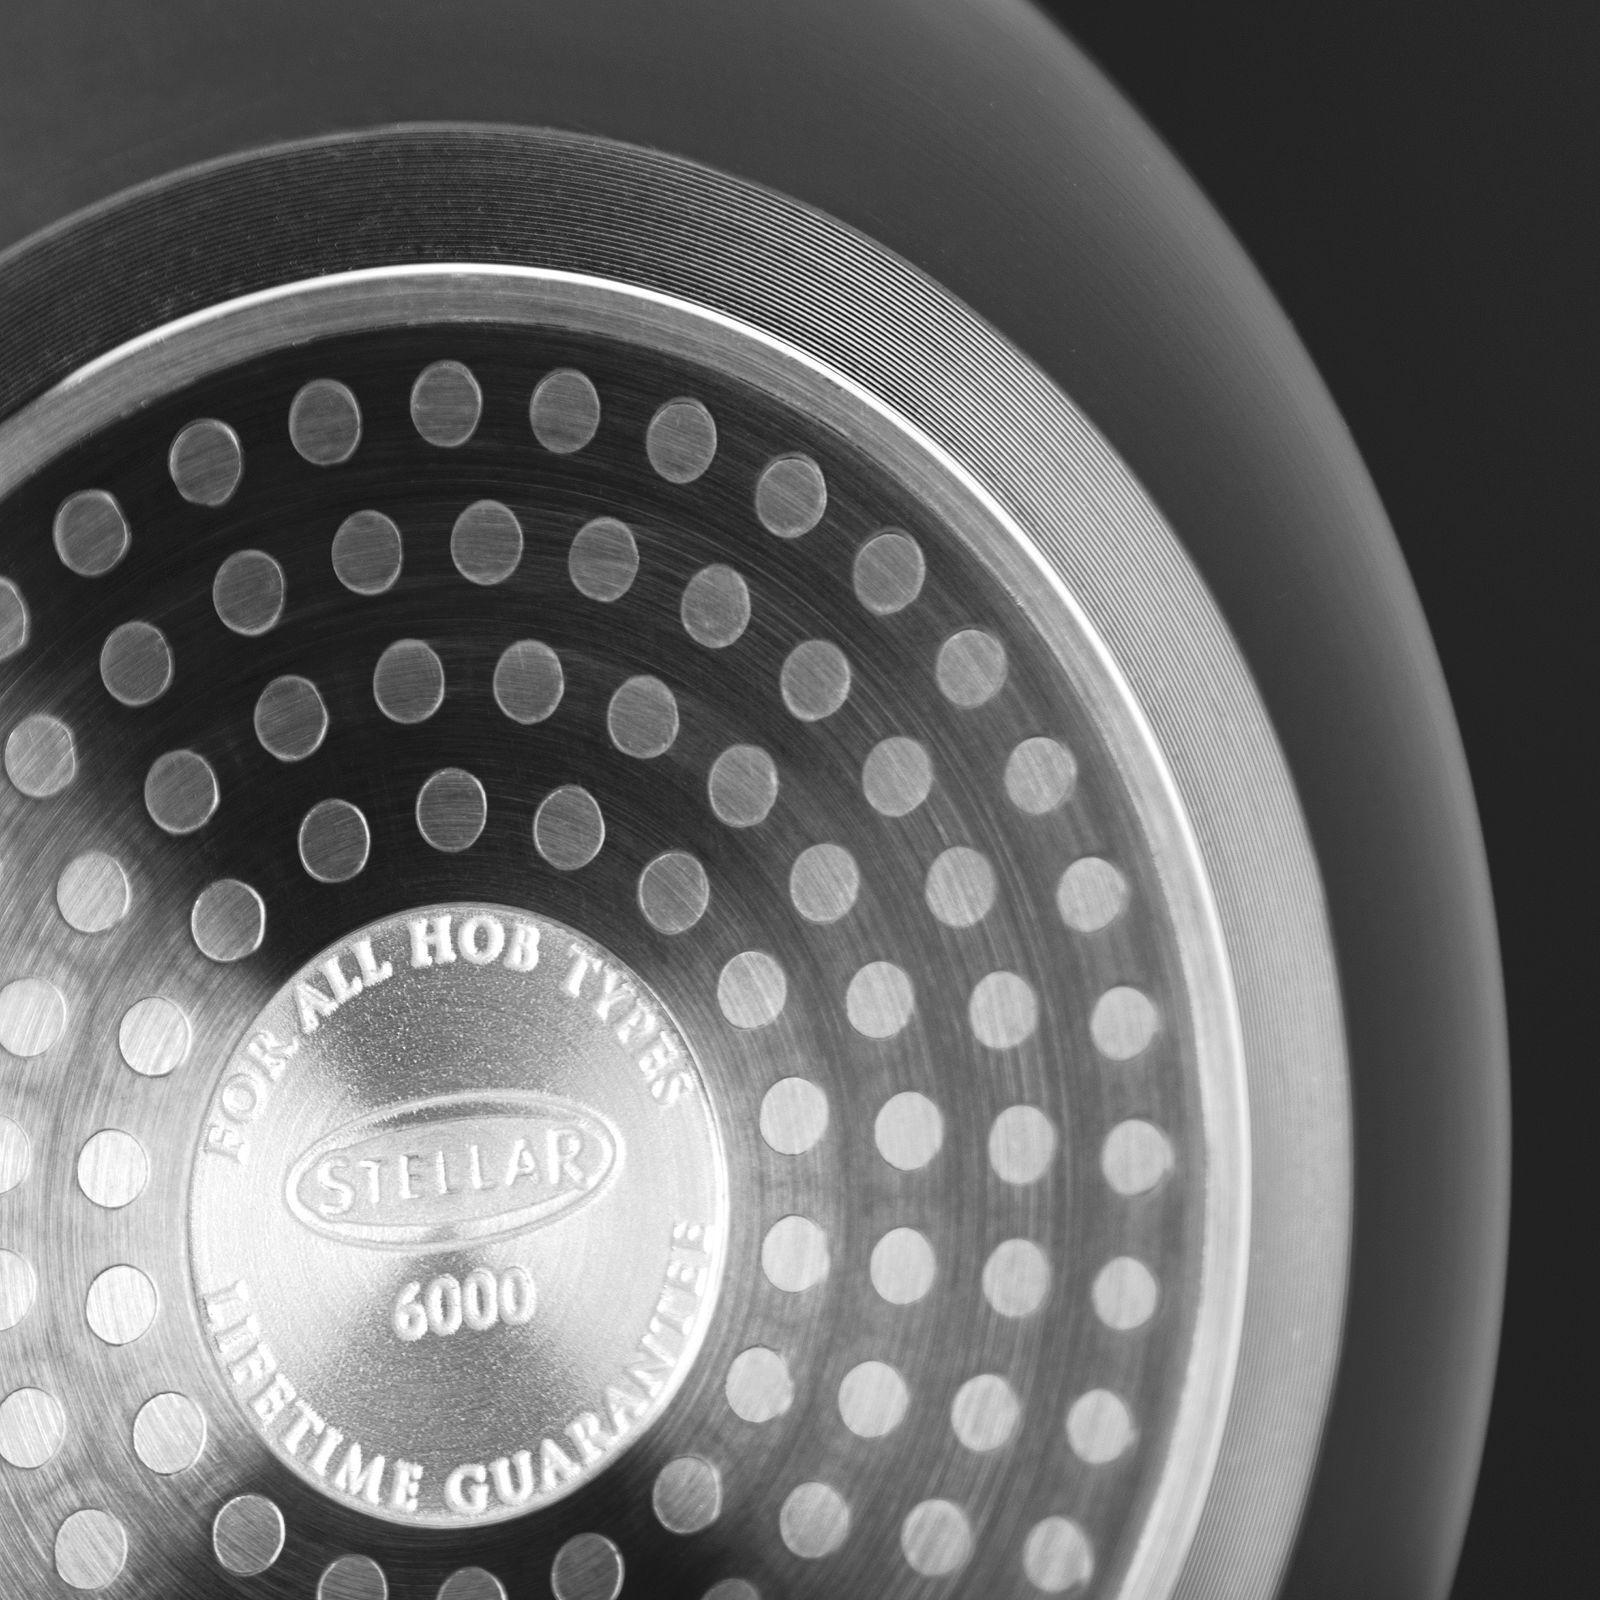 Estelar 6000 Lavavajillas Cacerola 18cm todos placas incluida la inducción Lavavajillas 6000 Y Horno bb5b39